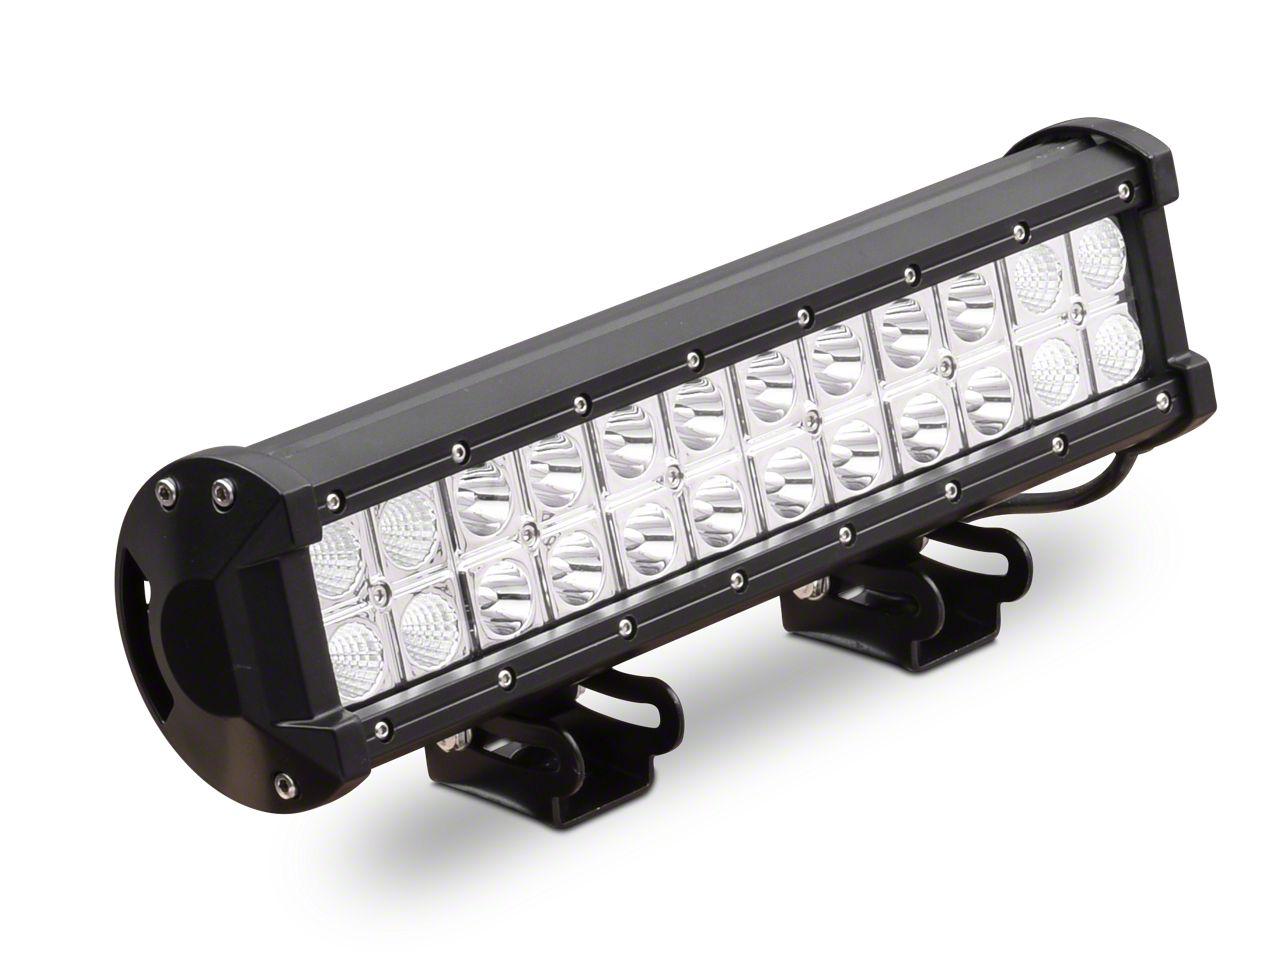 Alteon 13 in. 5 Series LED Light Bar - 30 Degree Flood Beam